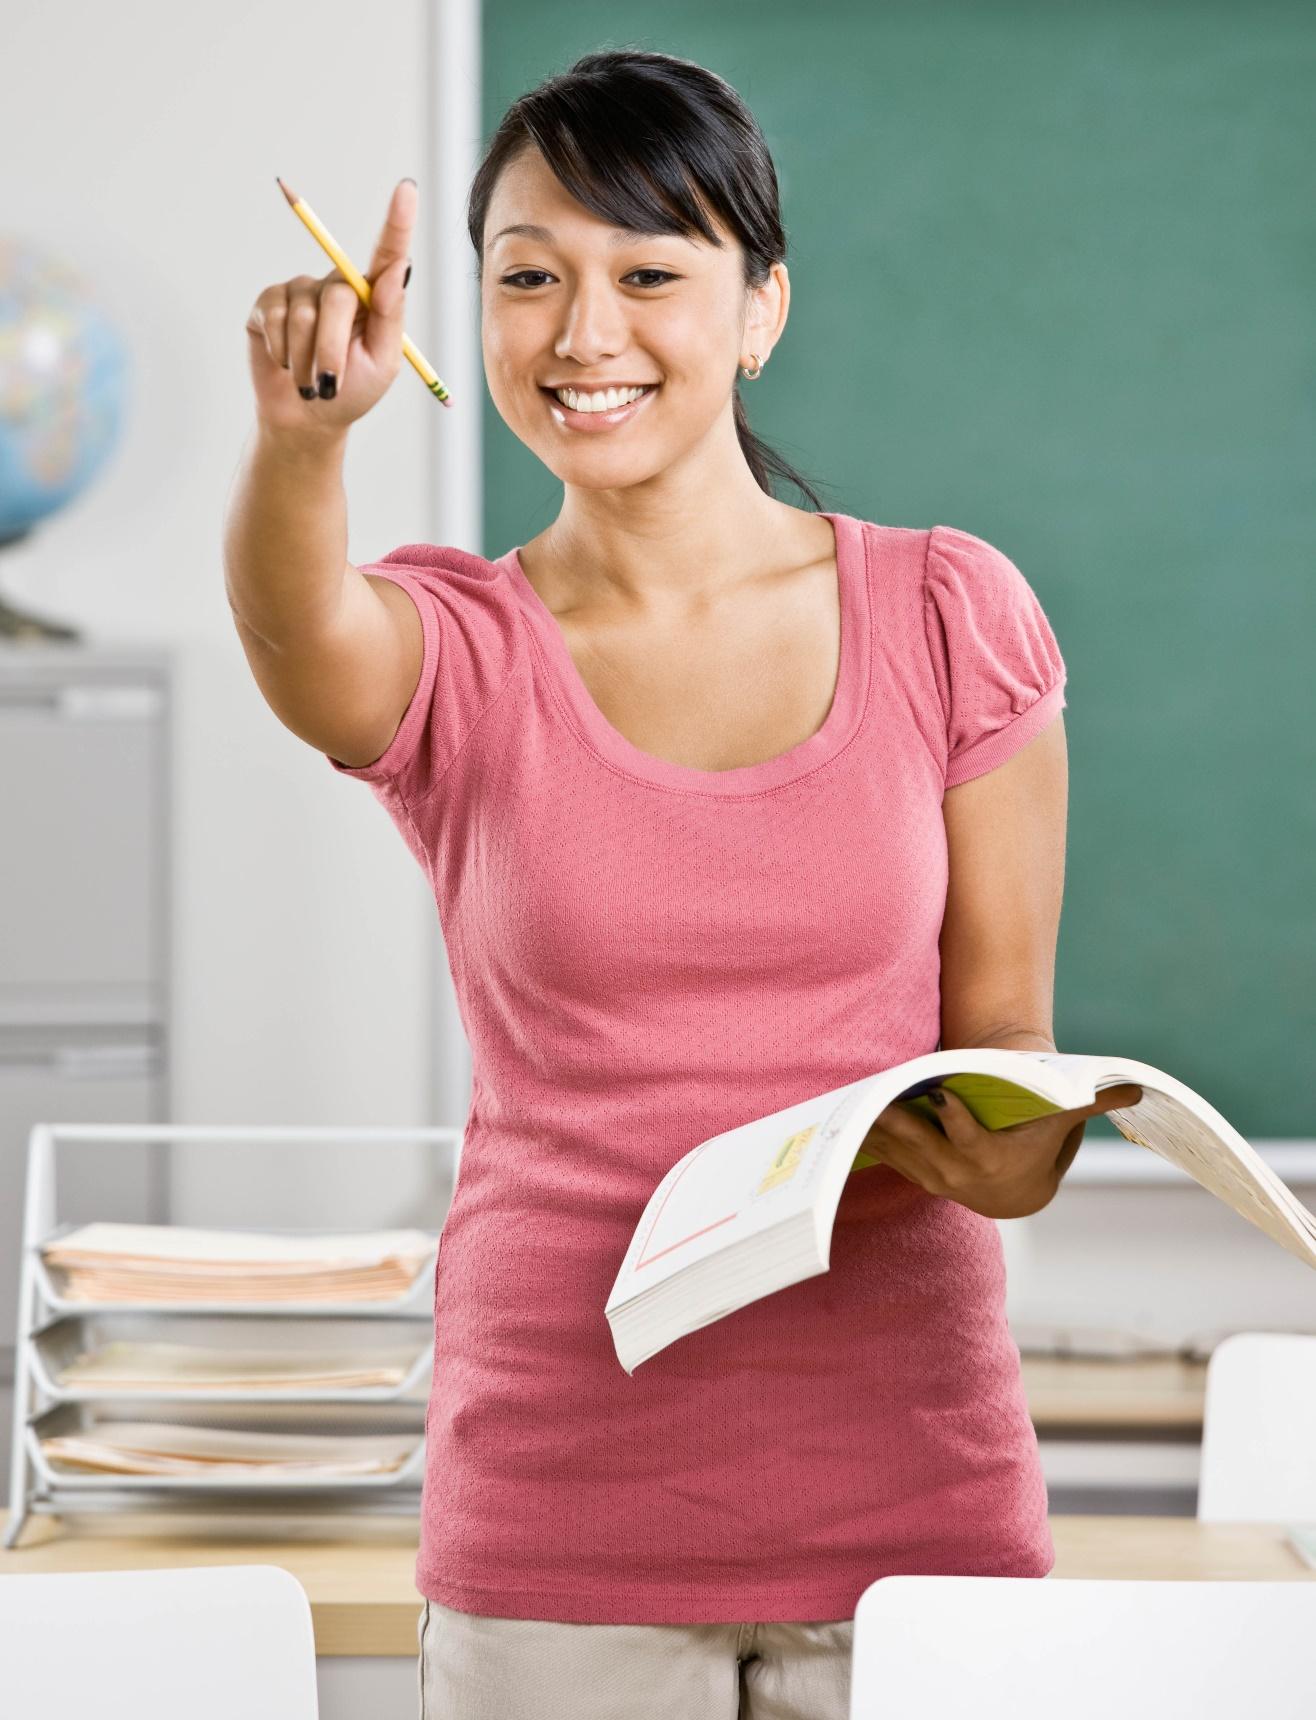 nclass teacher calling on student